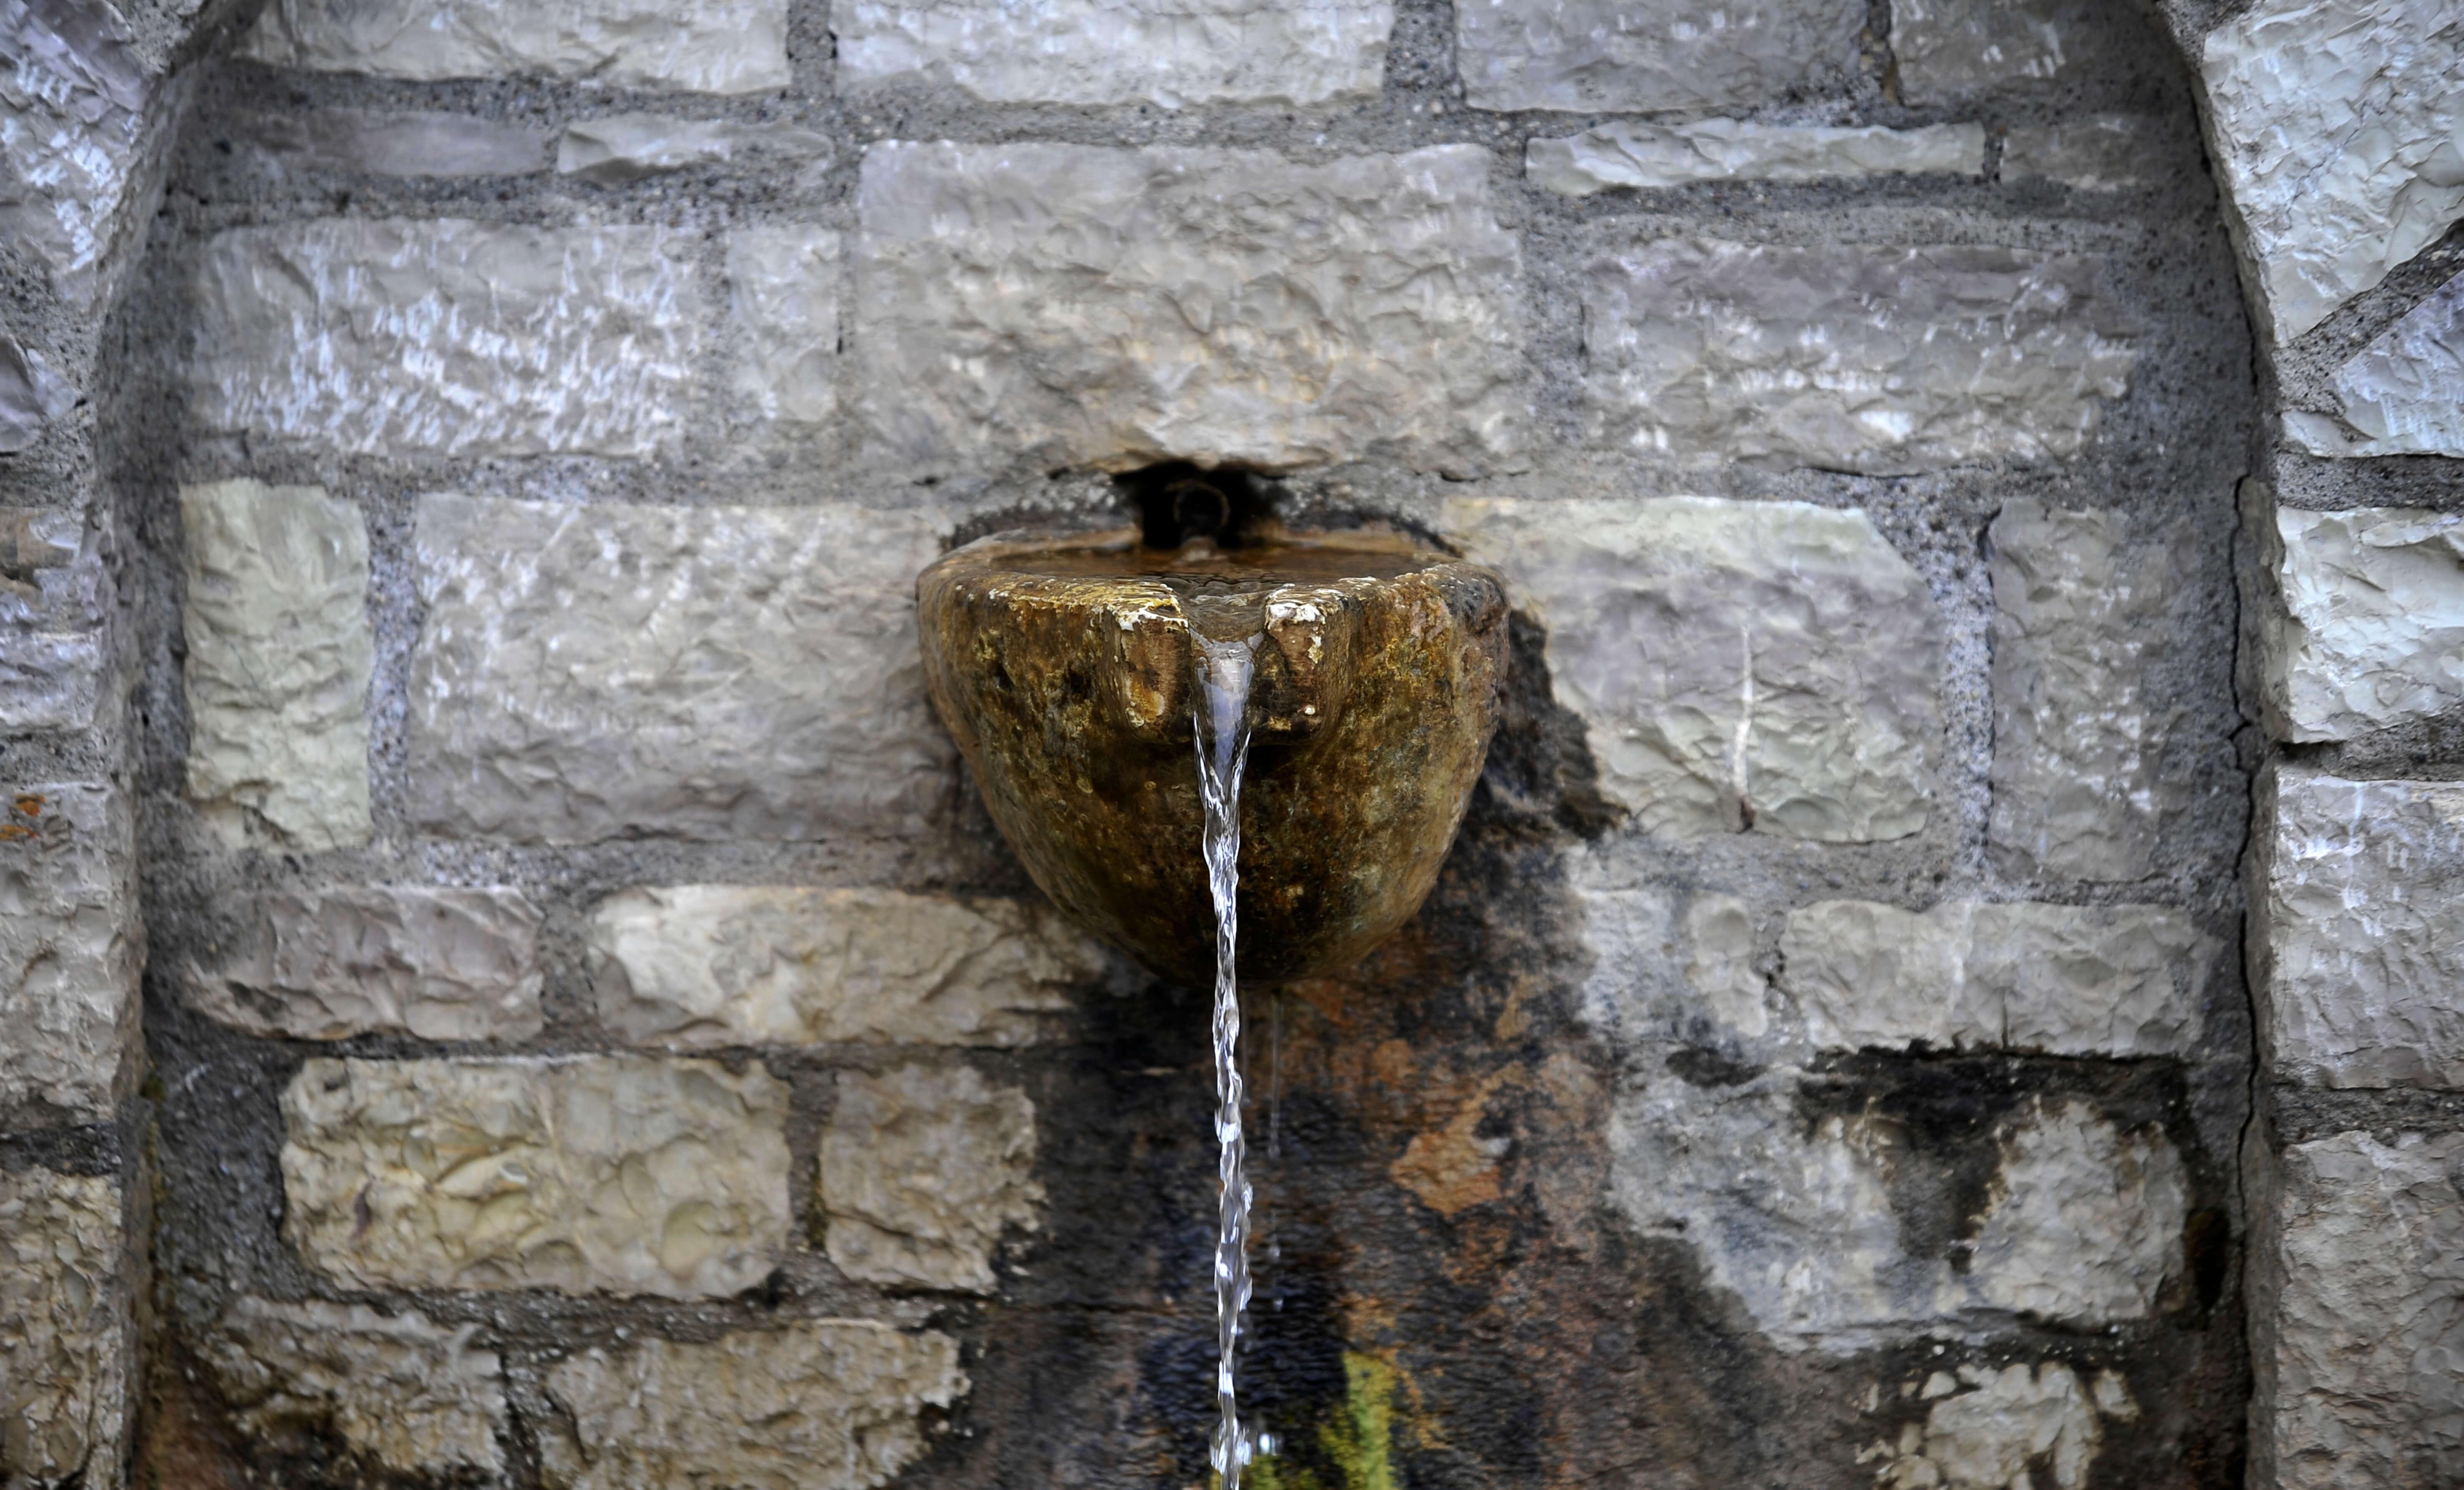 Ακατάλληλο νερό στην Καστοριά! Έκλεισε πηγή ύδρευσης – Τι έδειξαν οι μετρήσεις